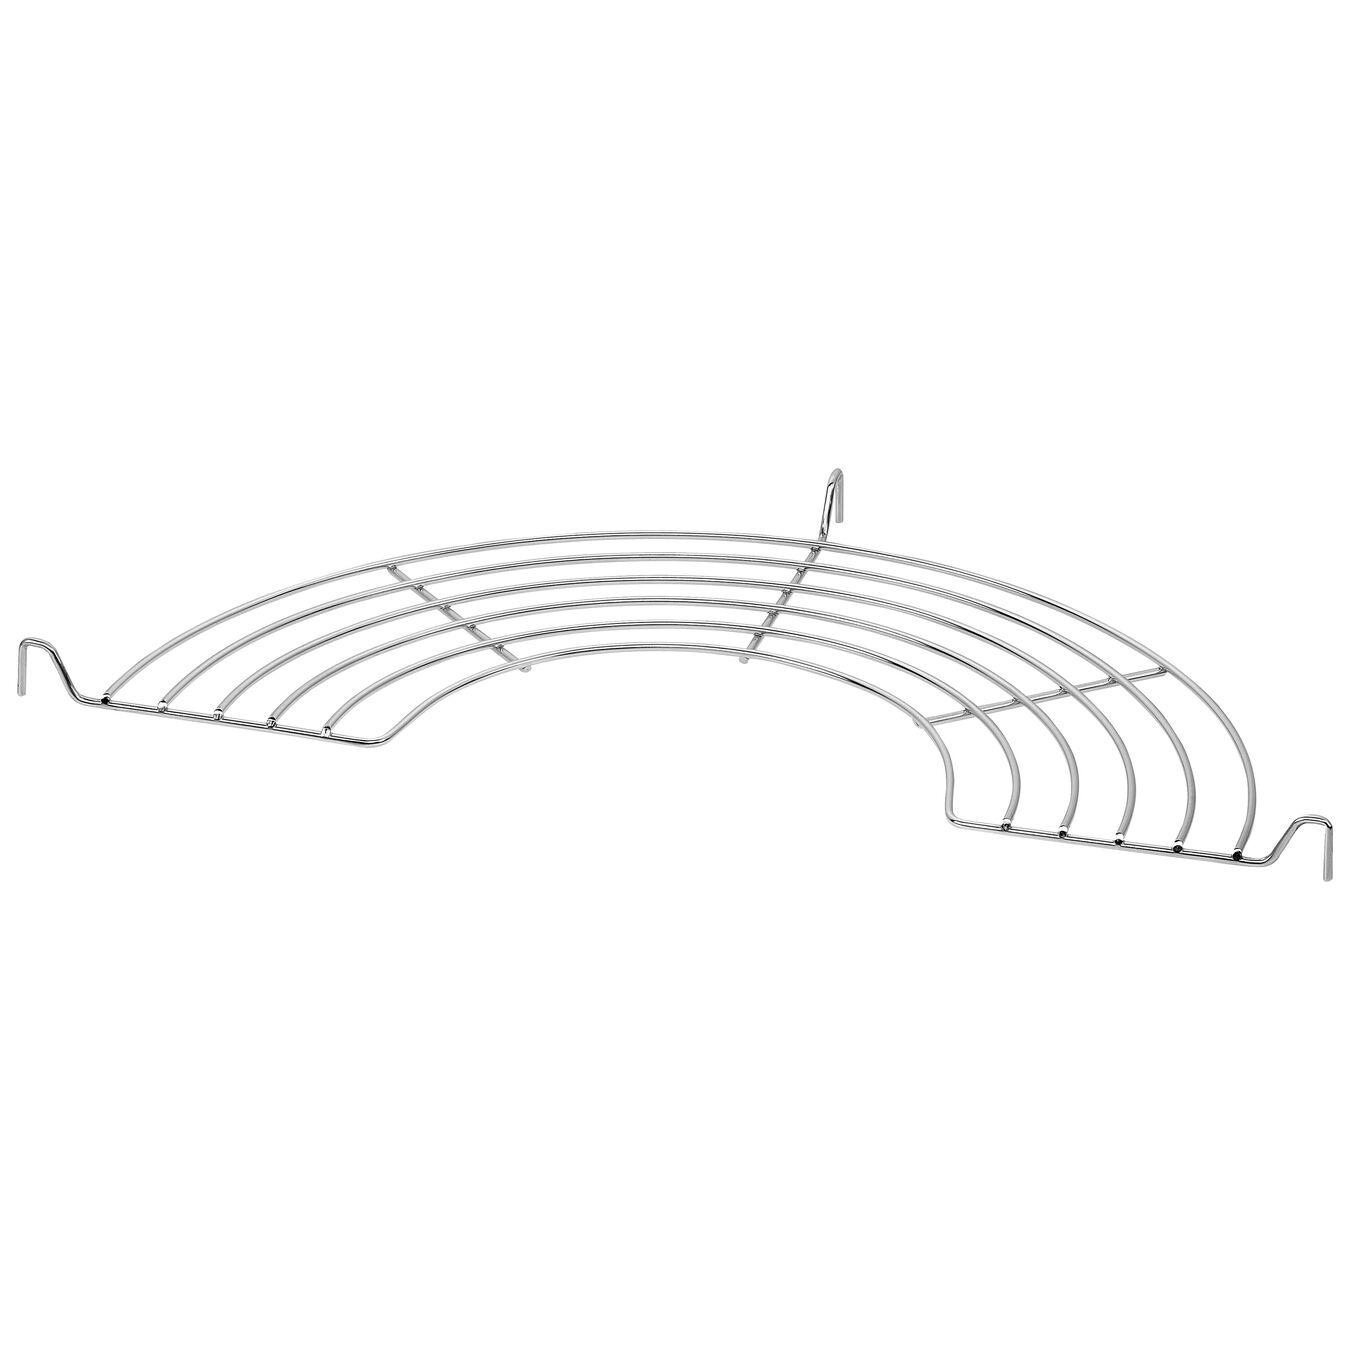 Wok - 32 cm, 18/10 acciaio inossidabile,,large 5